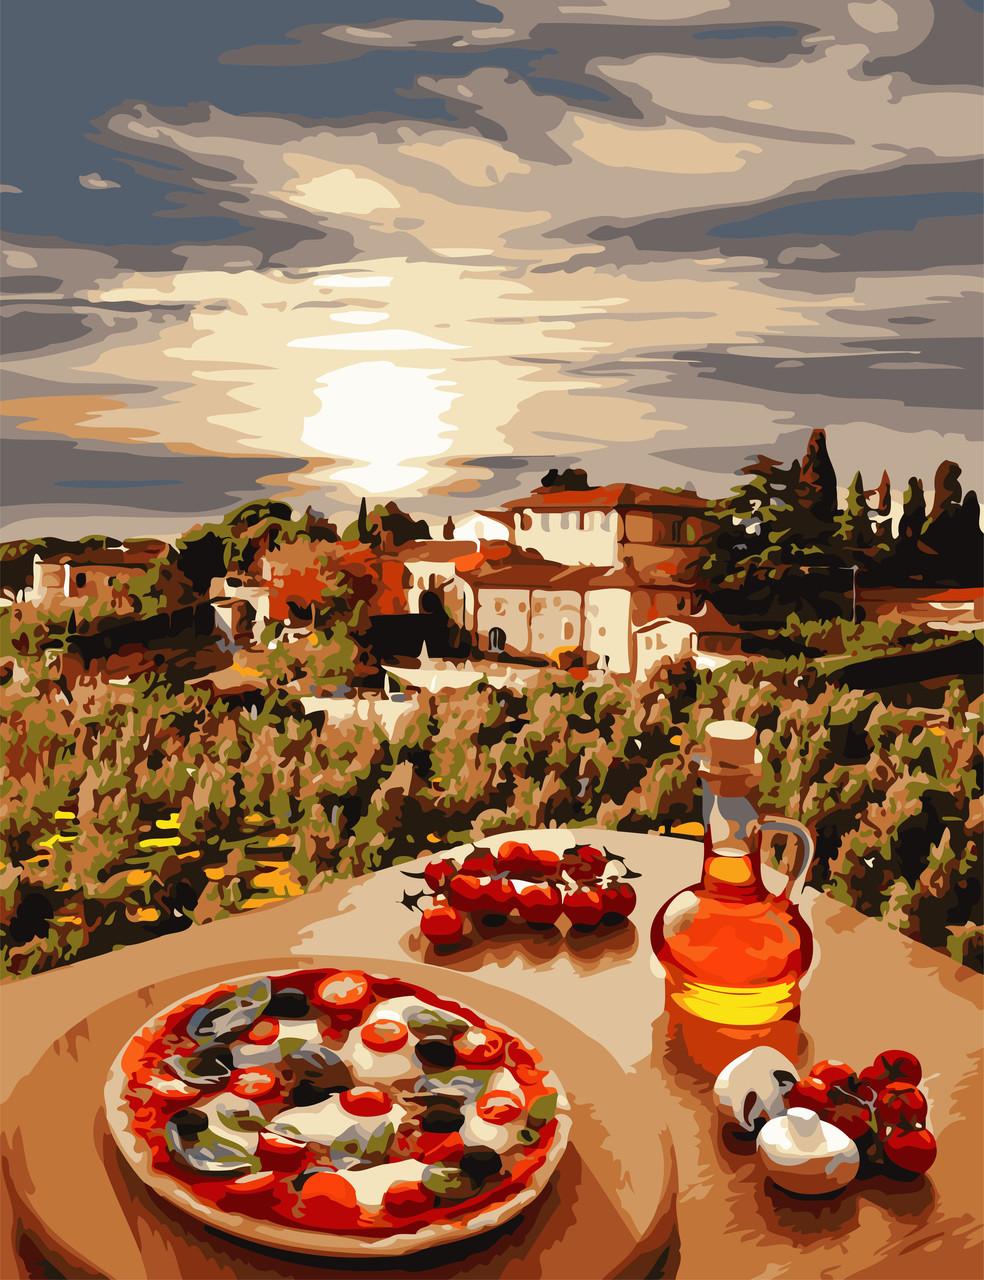 """Картина по номерам """"Италия """" 50*65 см в коробке, ArtStory + акриловый лак"""